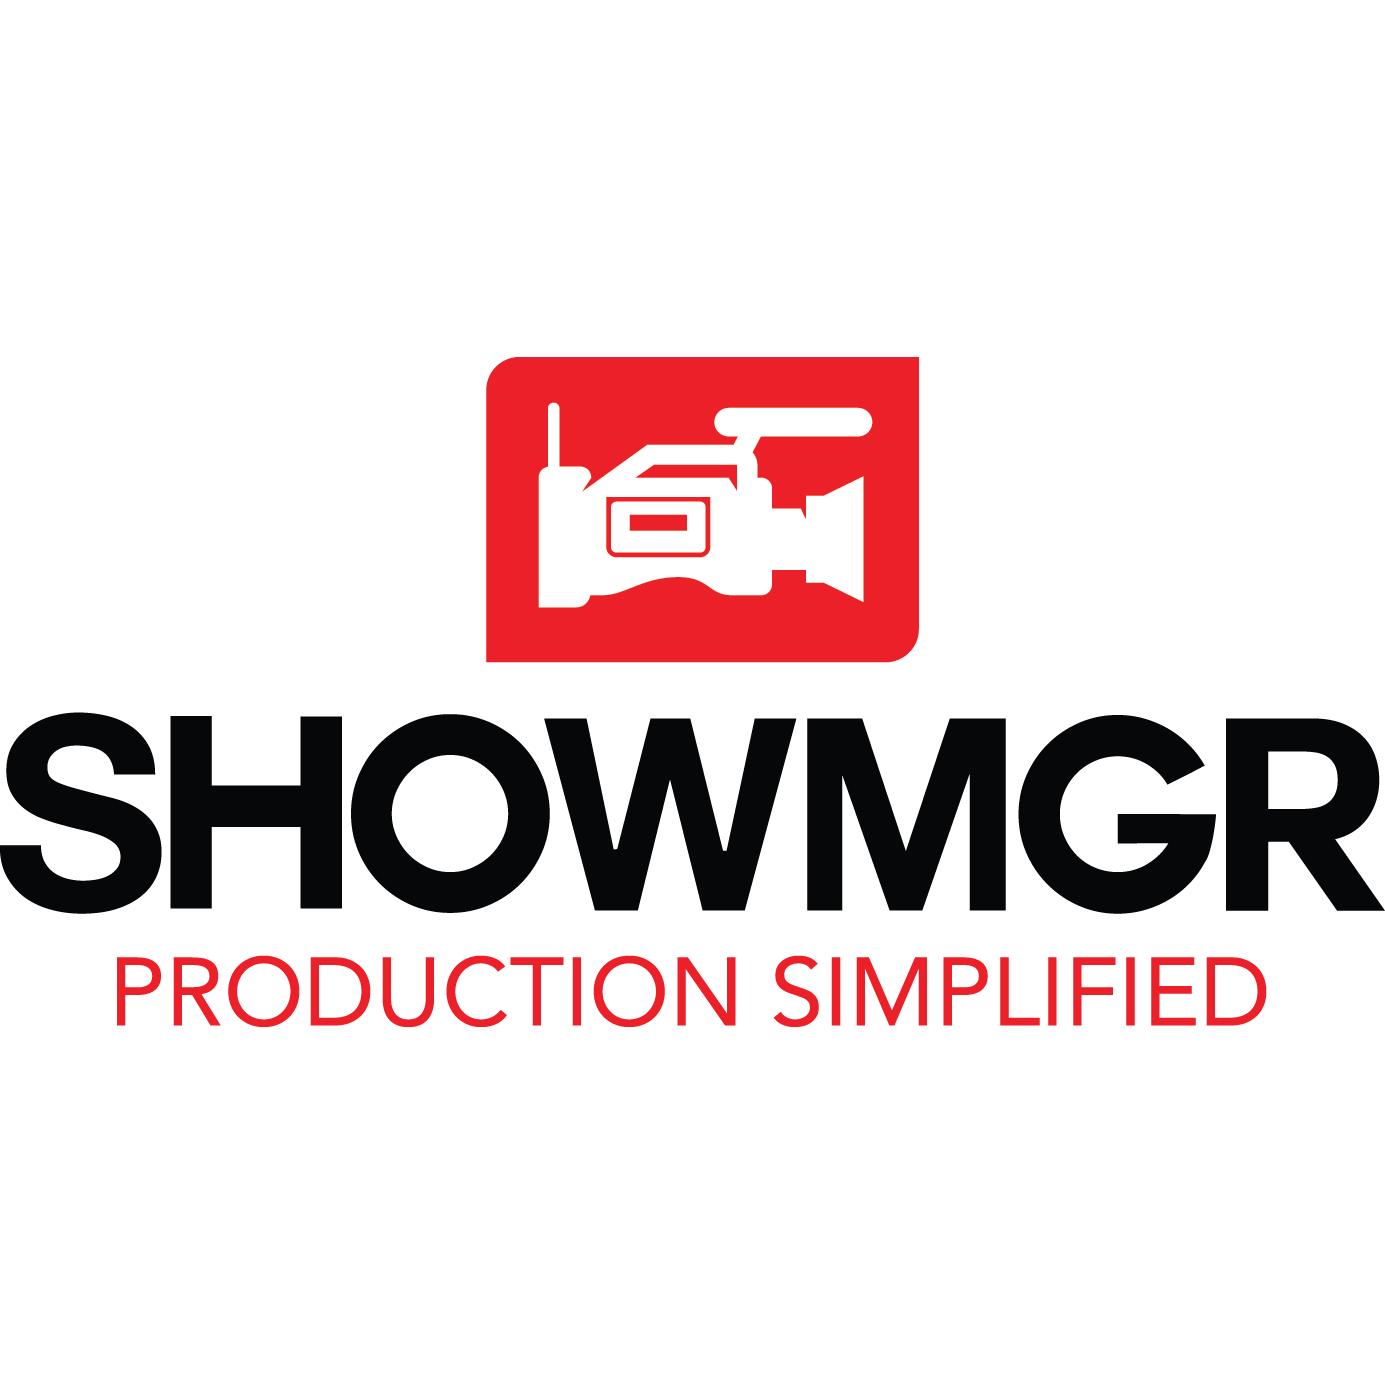 ShowMgr.com, Inc. image 2